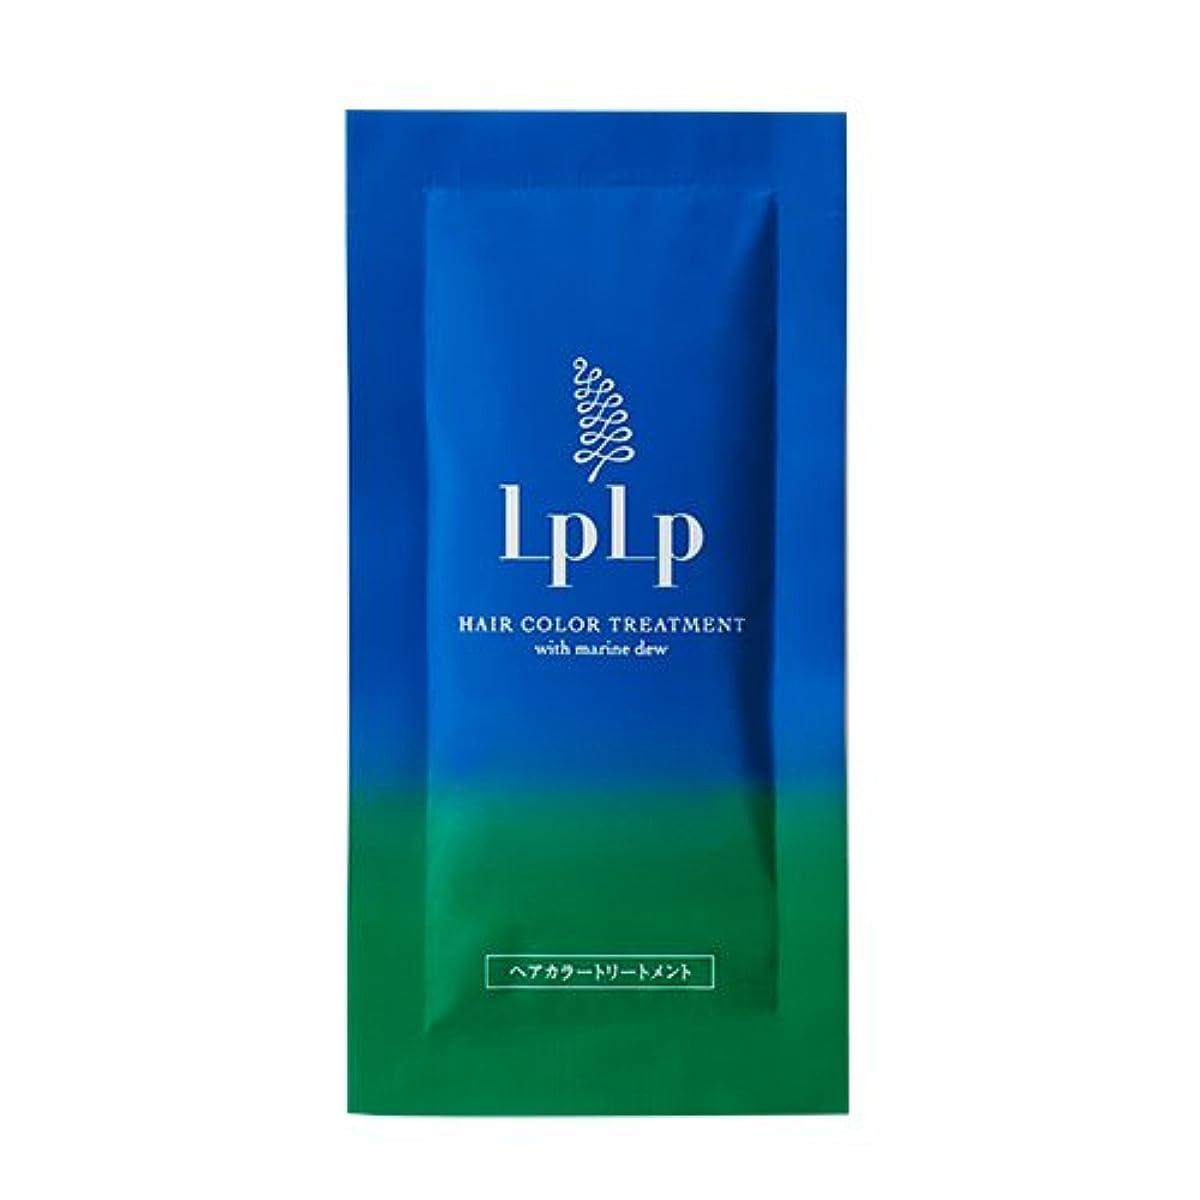 タイルラジカル止まるLPLP(ルプルプ)ヘアカラートリートメントお試しパウチ ブラウン